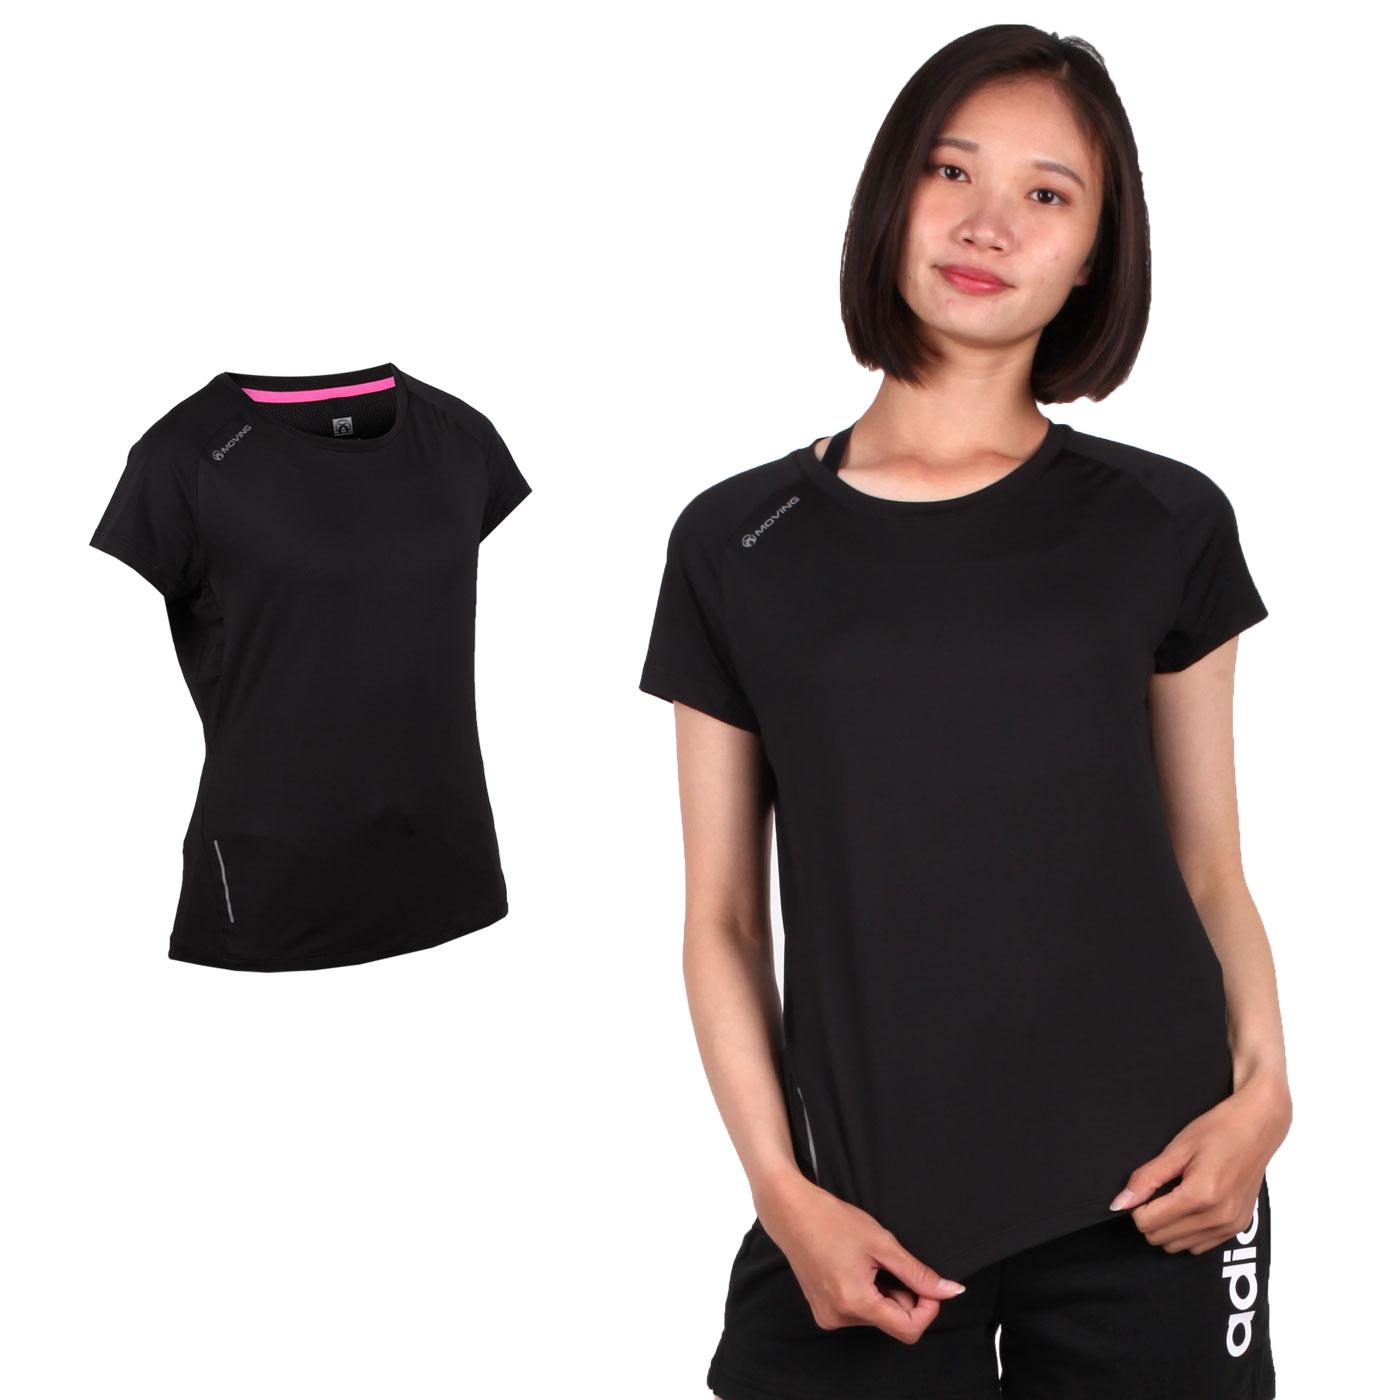 FIRESTAR 女款彈性短袖圓領T恤 DL965-10 - 黑